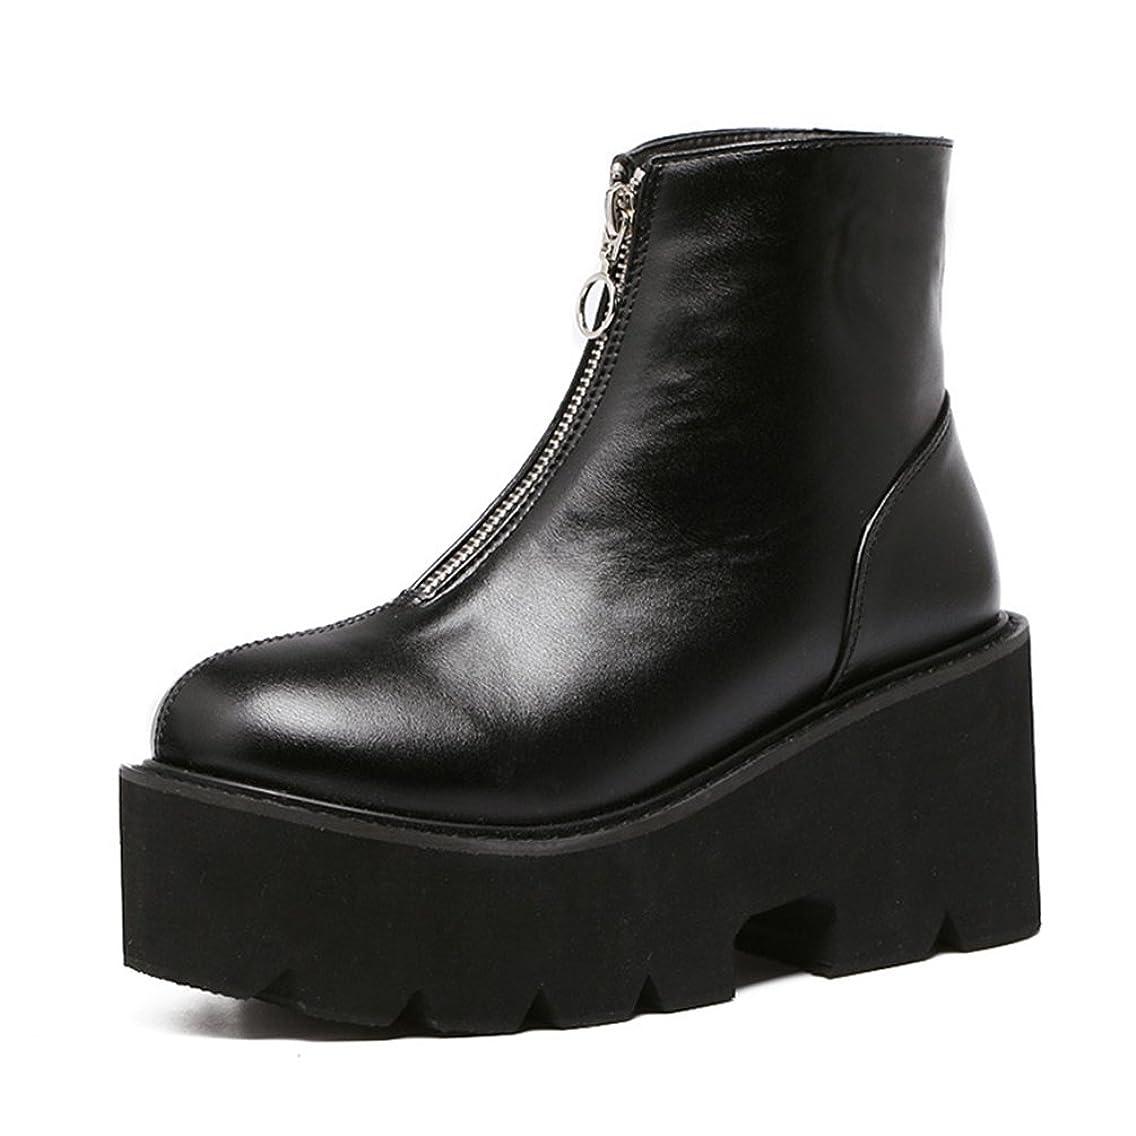 攻撃追放する経済[サニーサニー] レディース ショートブーツ ボア付き 防寒 スノーブーツ 厚底 ムートンブーツ 防滑 フロントファスナー 前厚 可愛い オシャレ 歩きやすい 快適 あったか 柔らかい 綿靴 雪靴 通勤 通学 ブラック